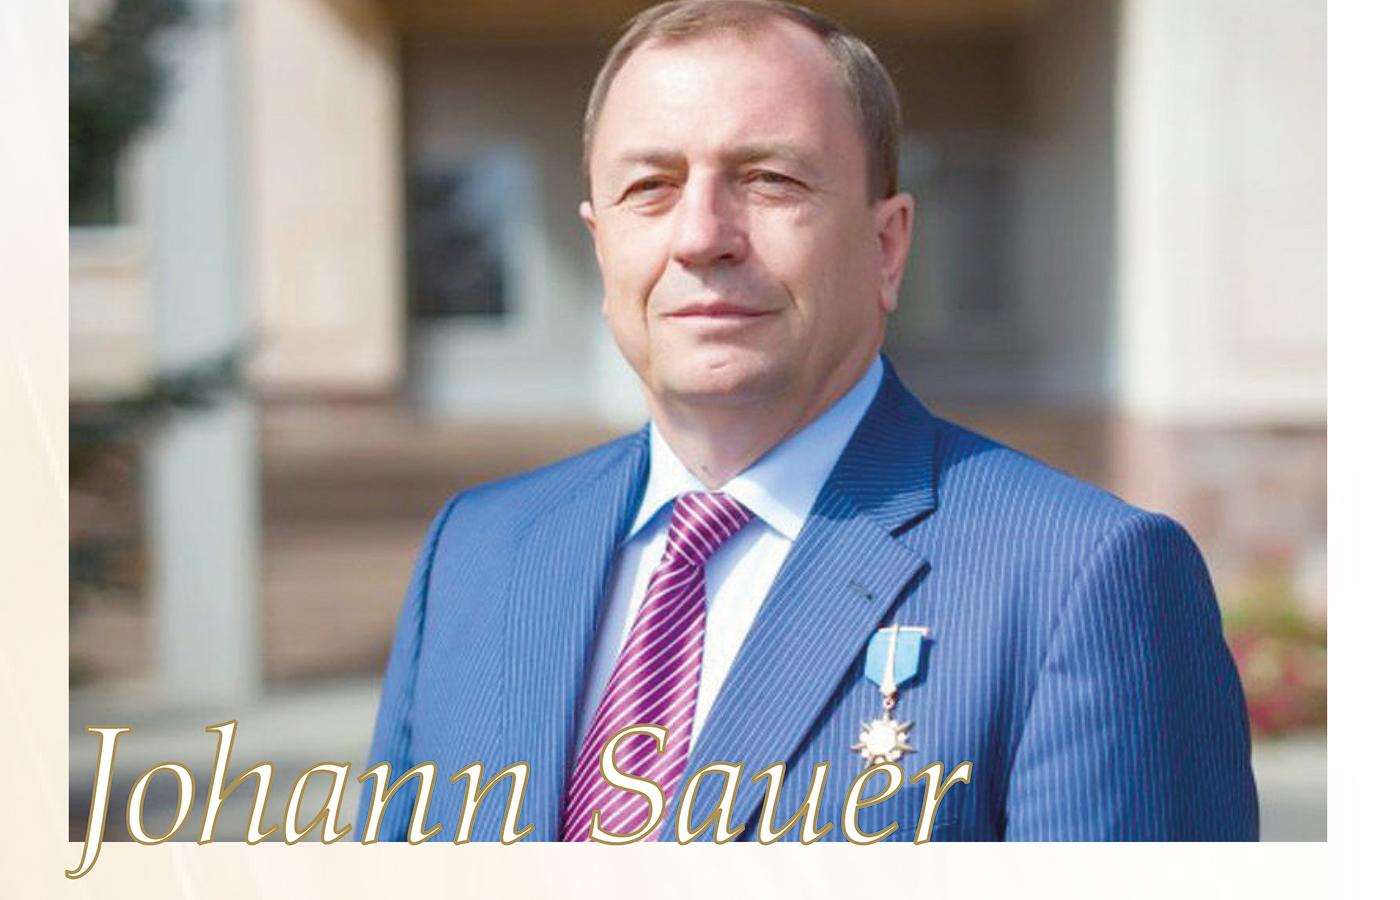 Johann Sauer